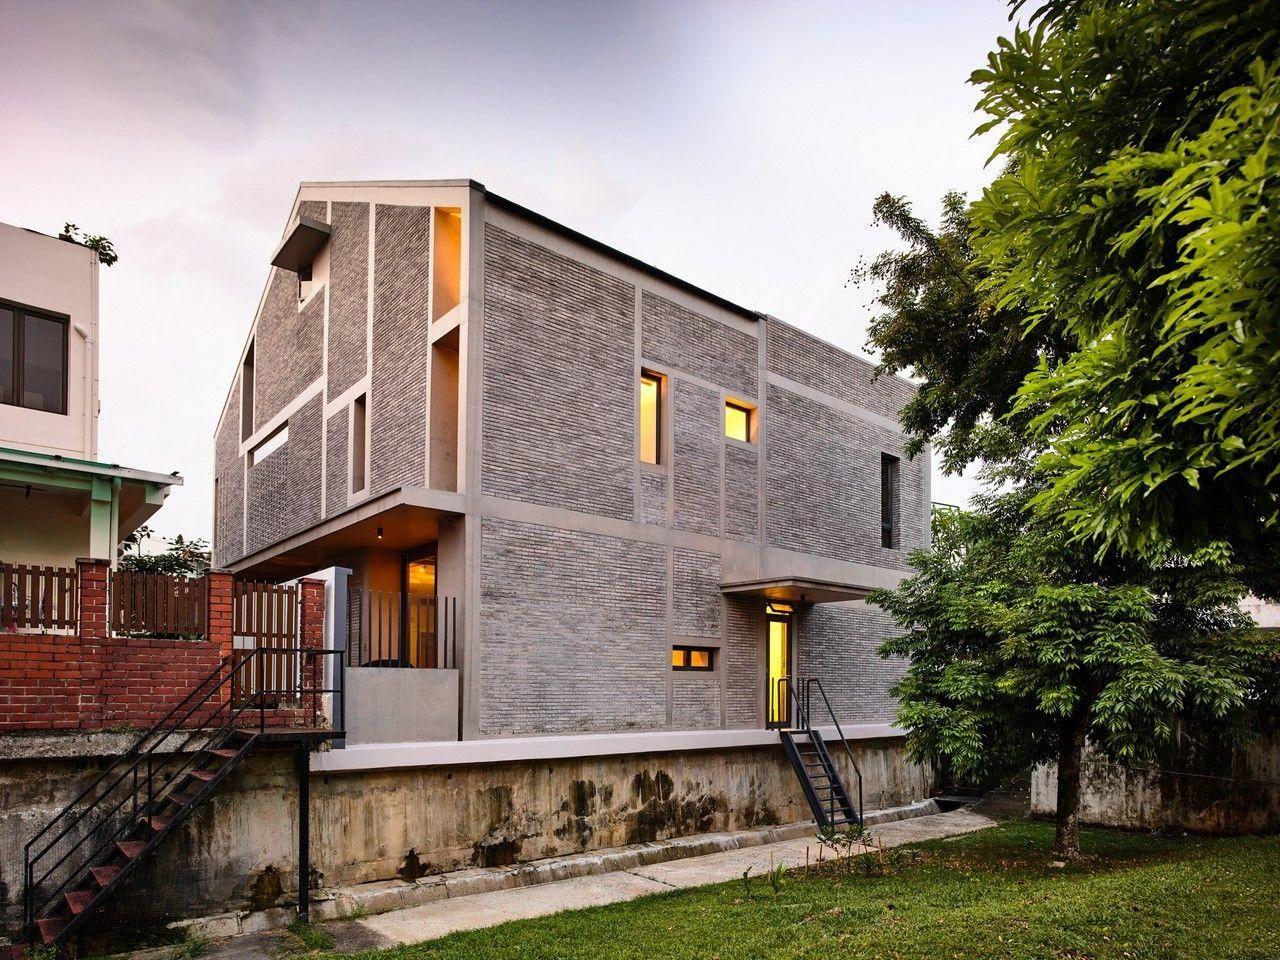 Photo derek swalwell sweet home make interior decoration design ideas decor styles also rh pinterest